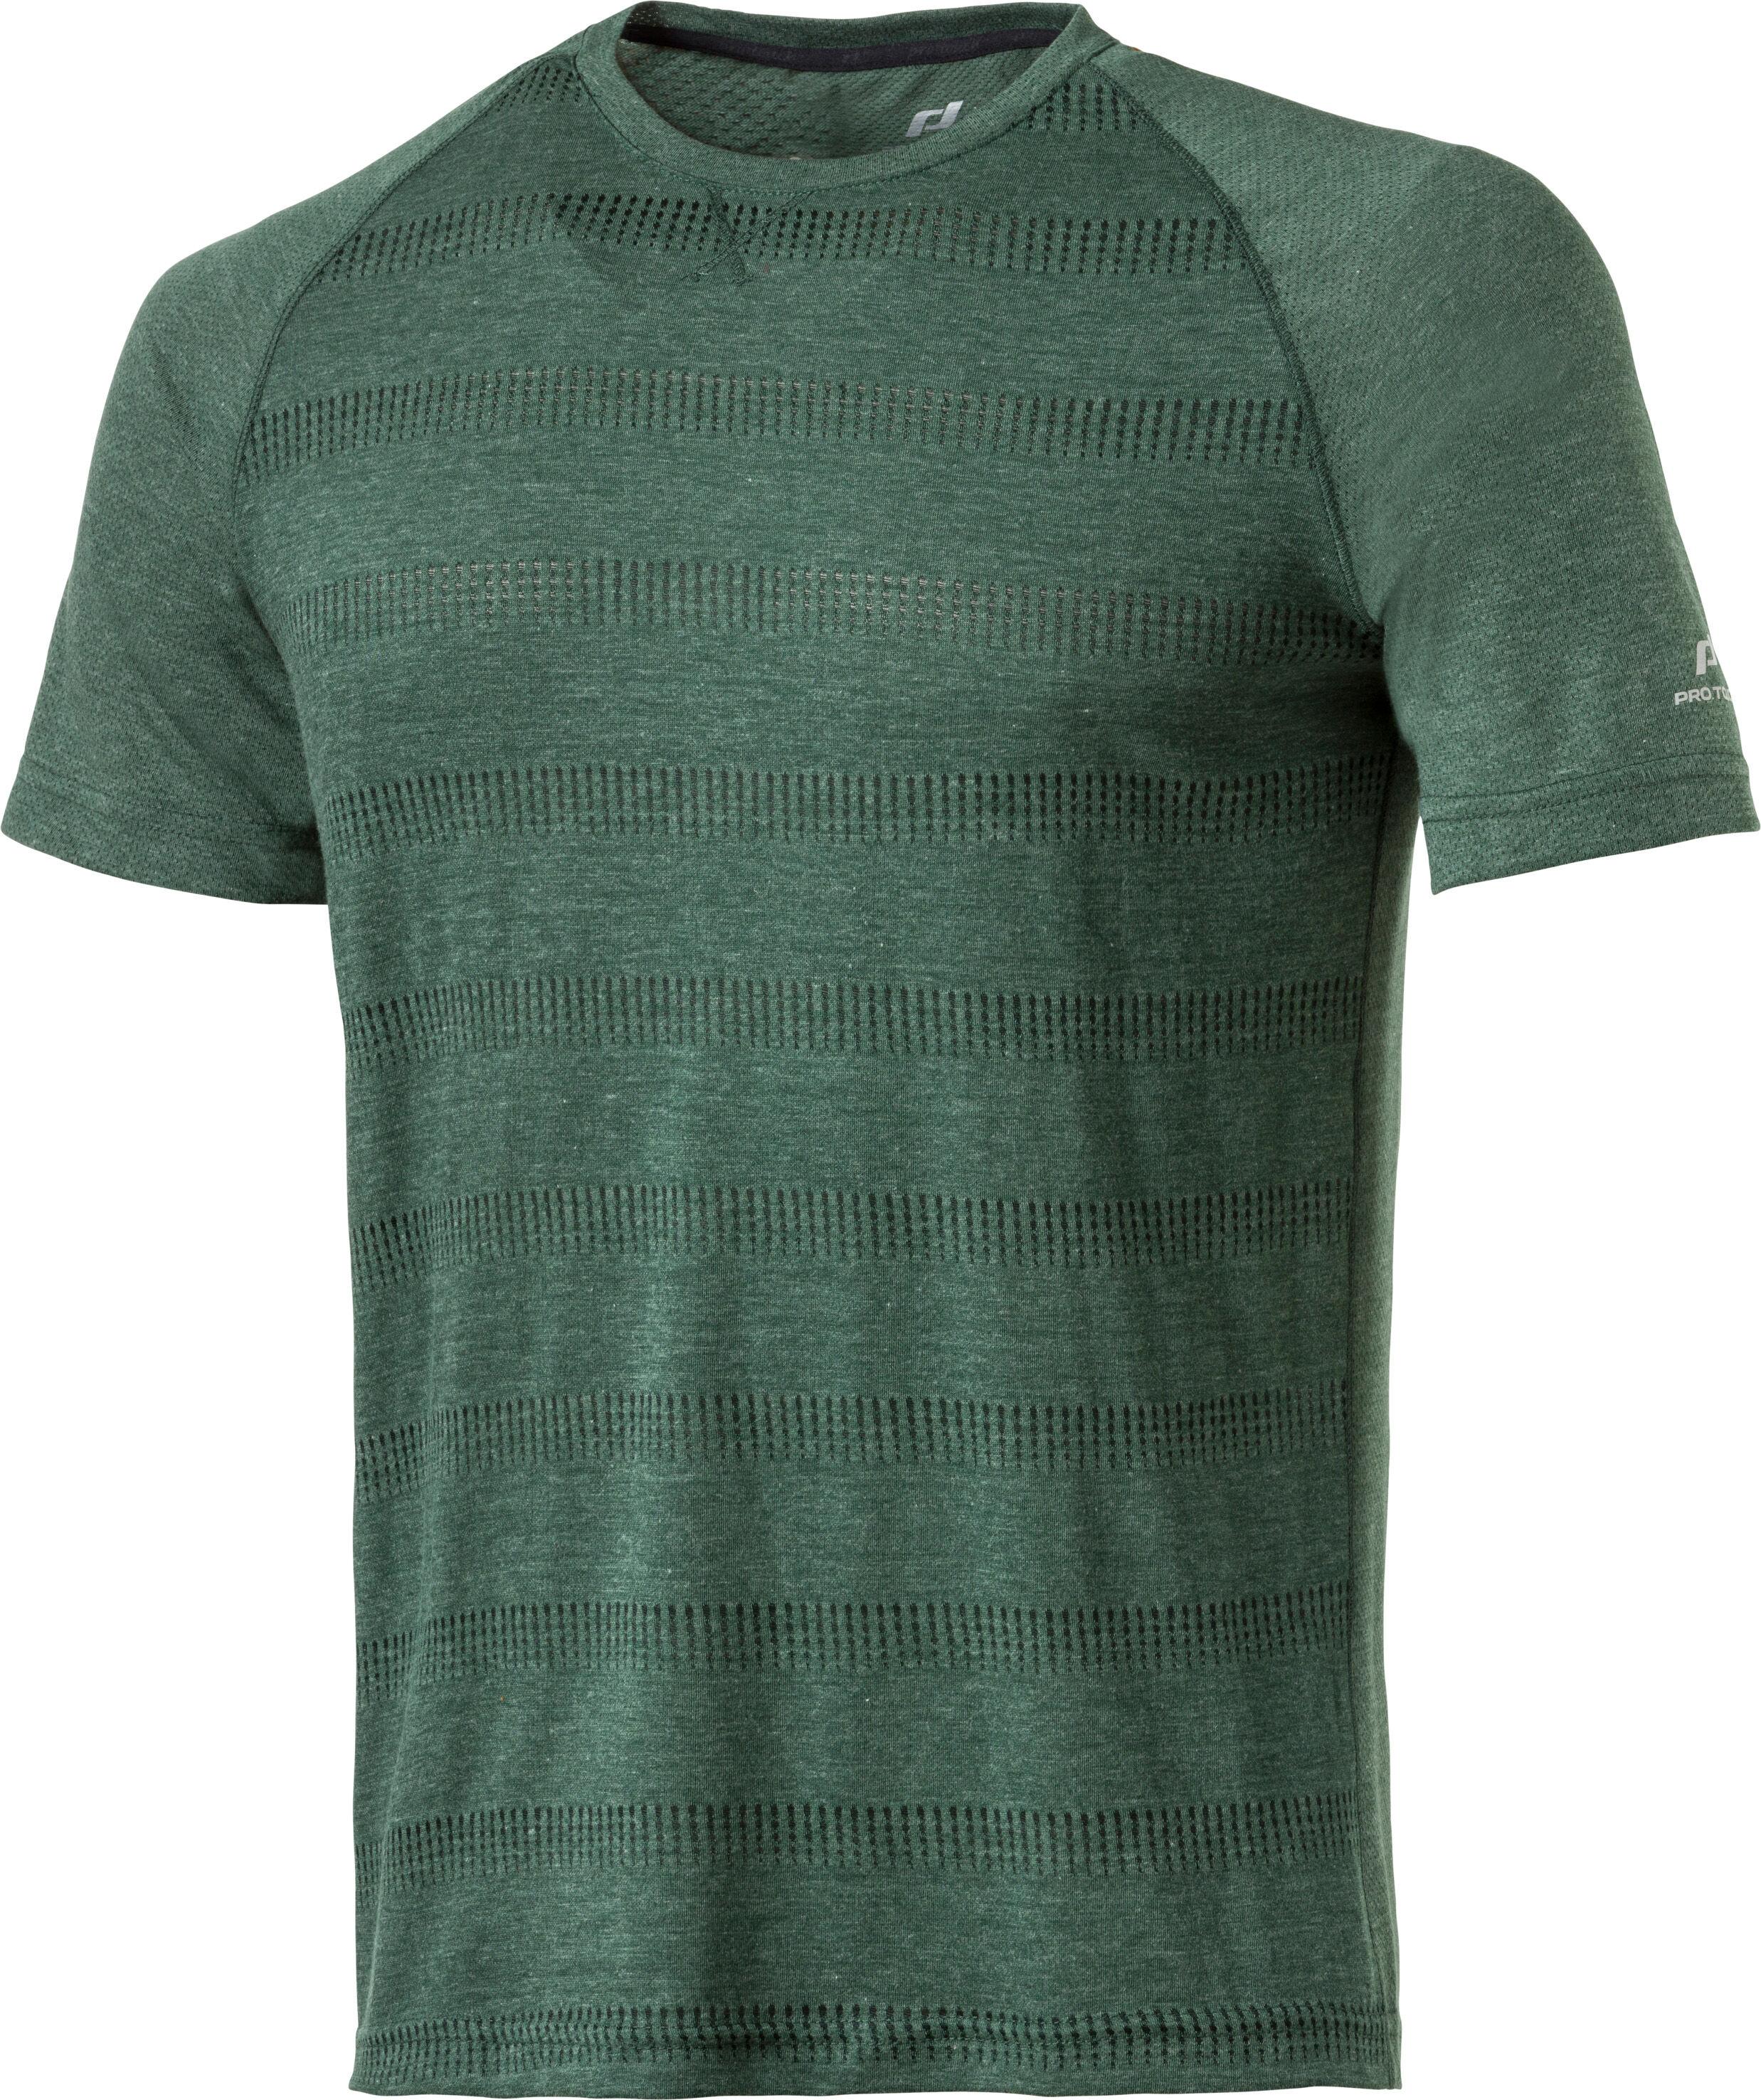 Afi Heren Touch Groen Pro Shirt HRx8wBqn5